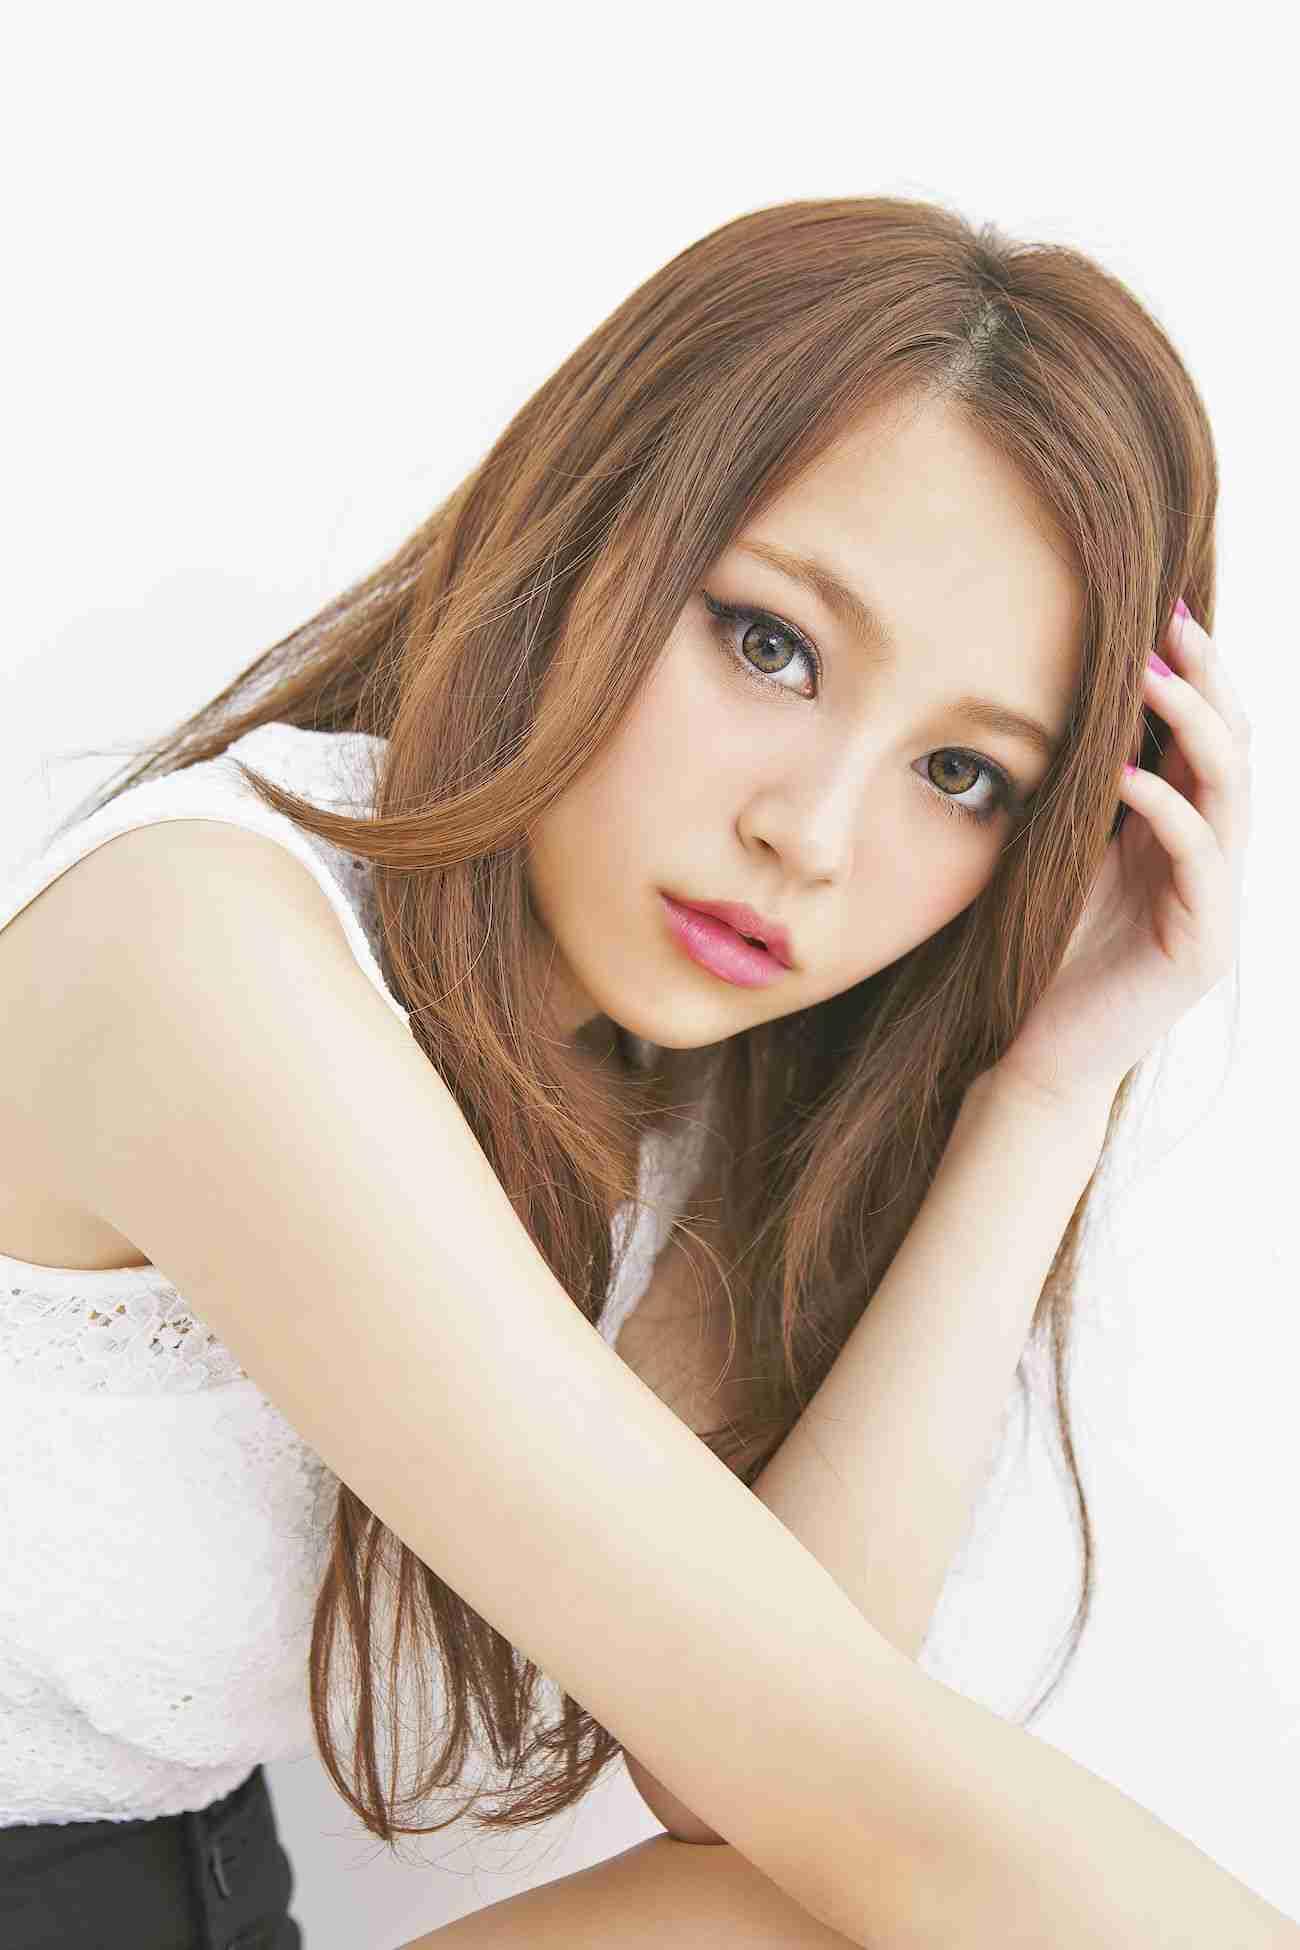 女子高生モデル「恋を邪魔する淫行条例反対!」、成人男性と交際しても問題ない?